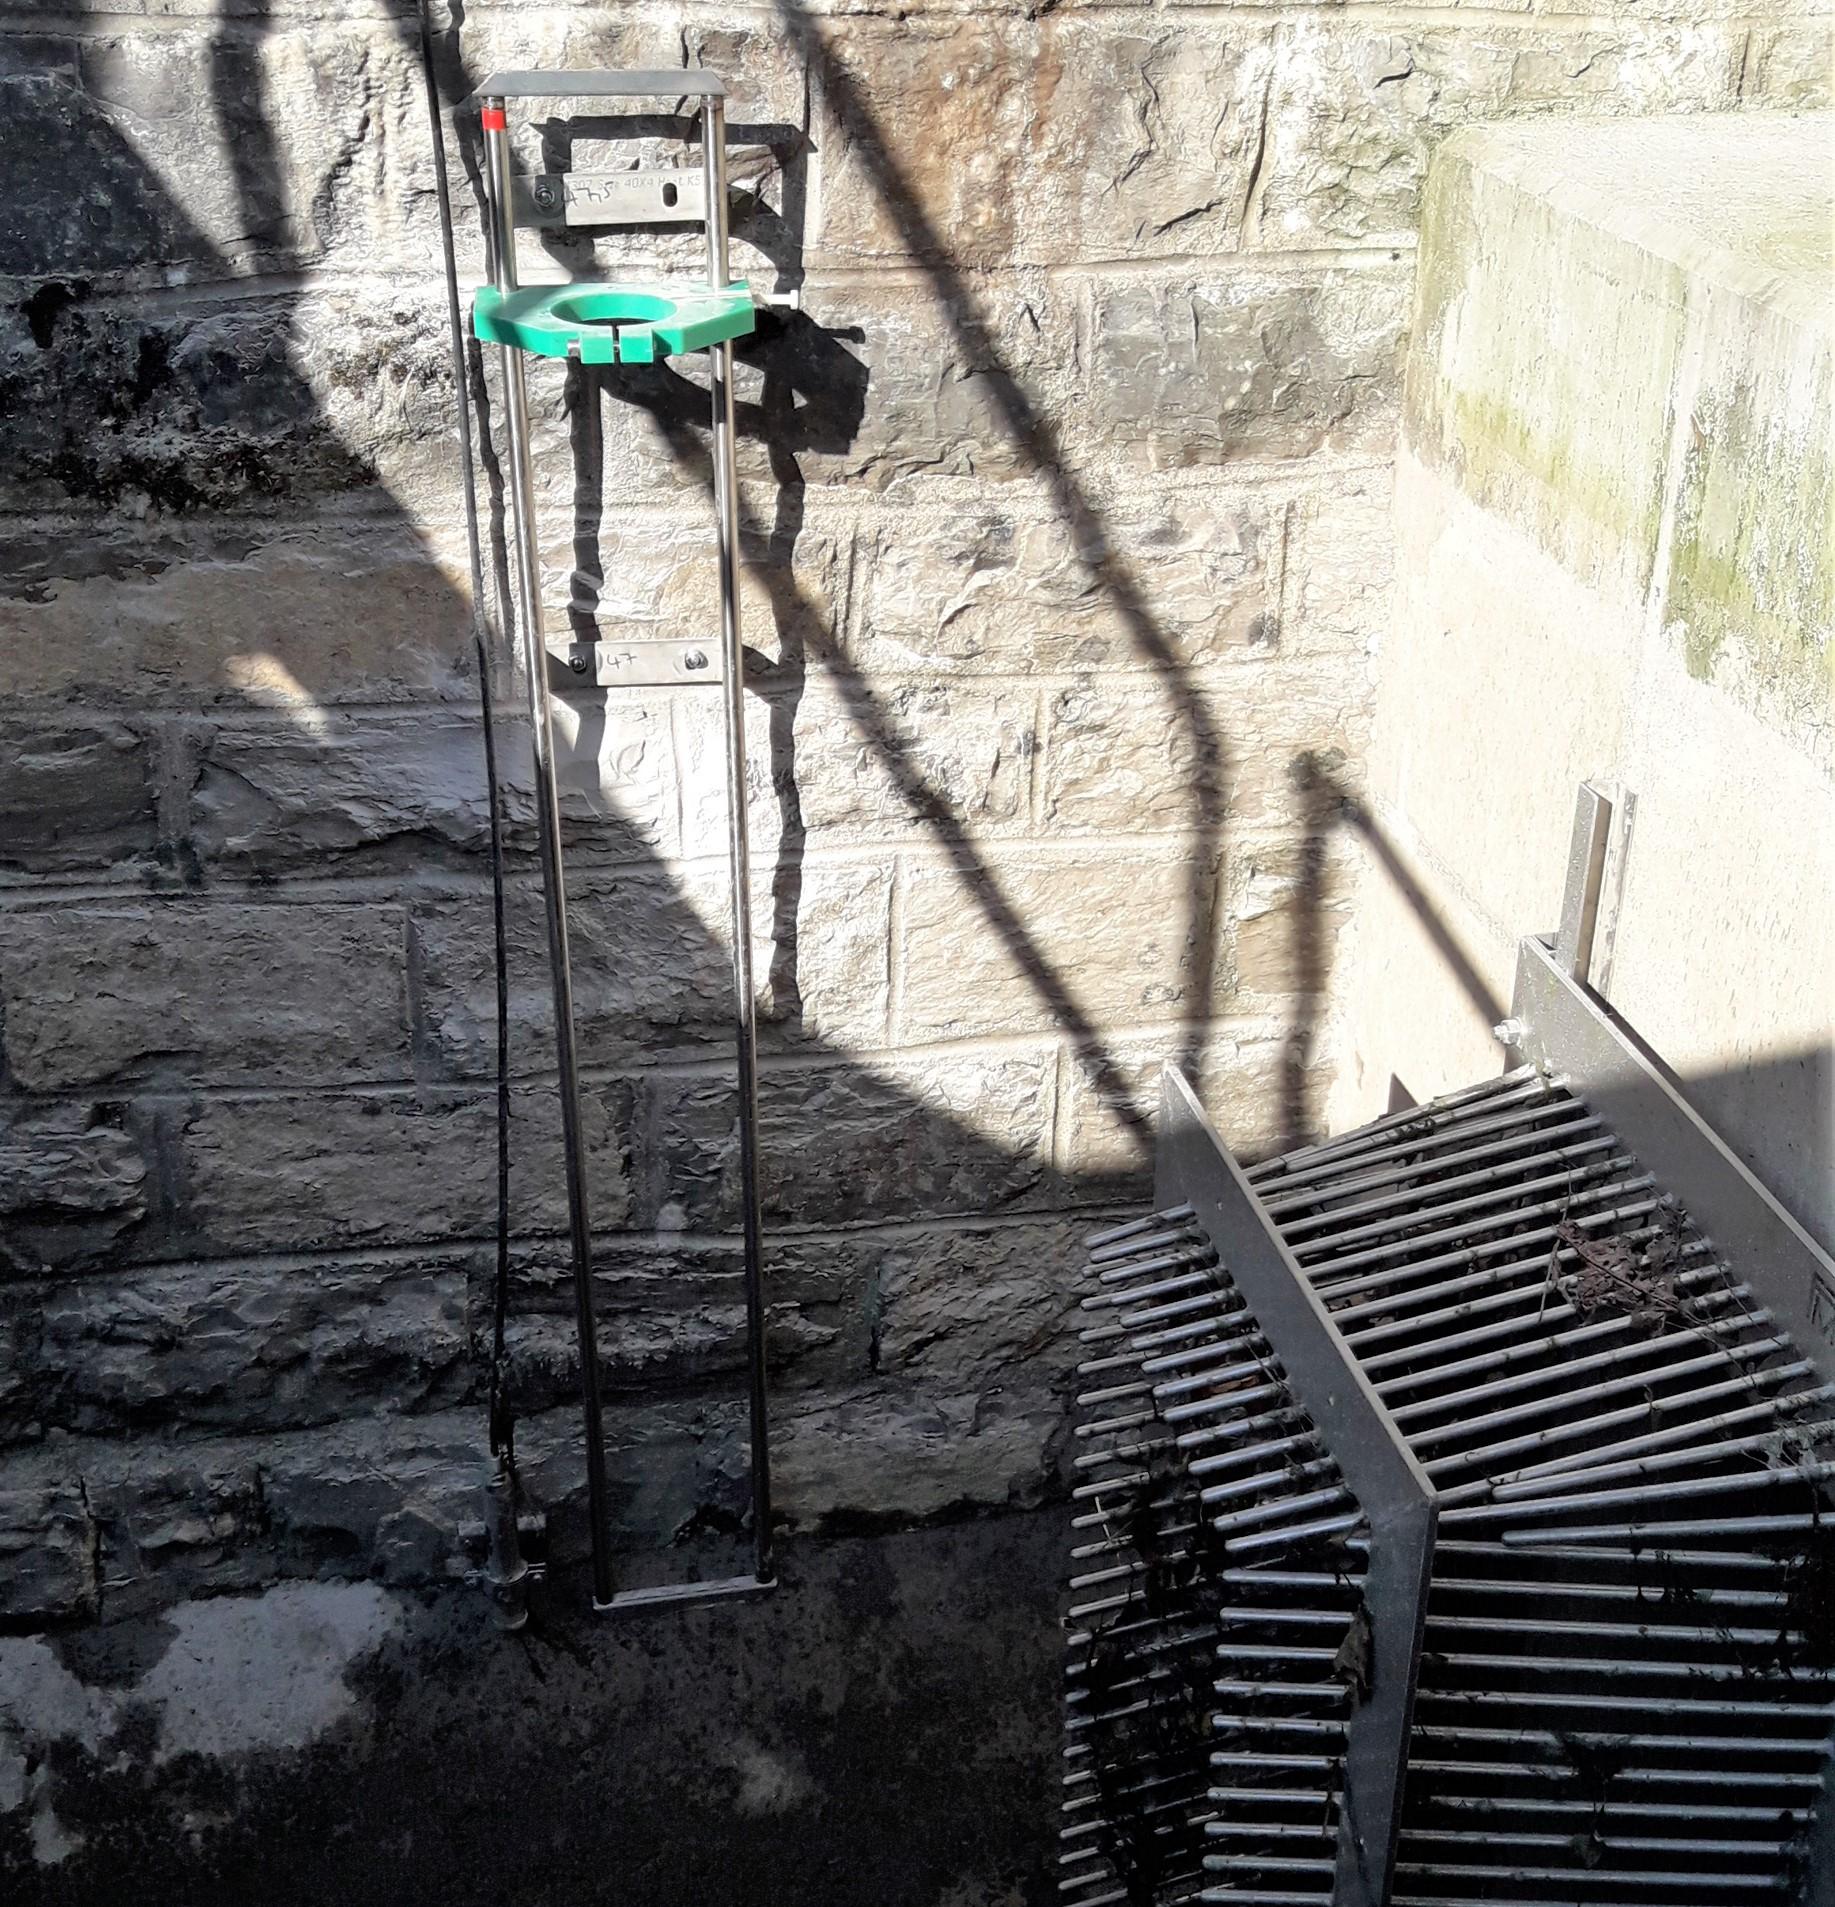 Kehle und Unterwasserkamerahalterung, KW Schiffahrtskanal, Interlaken